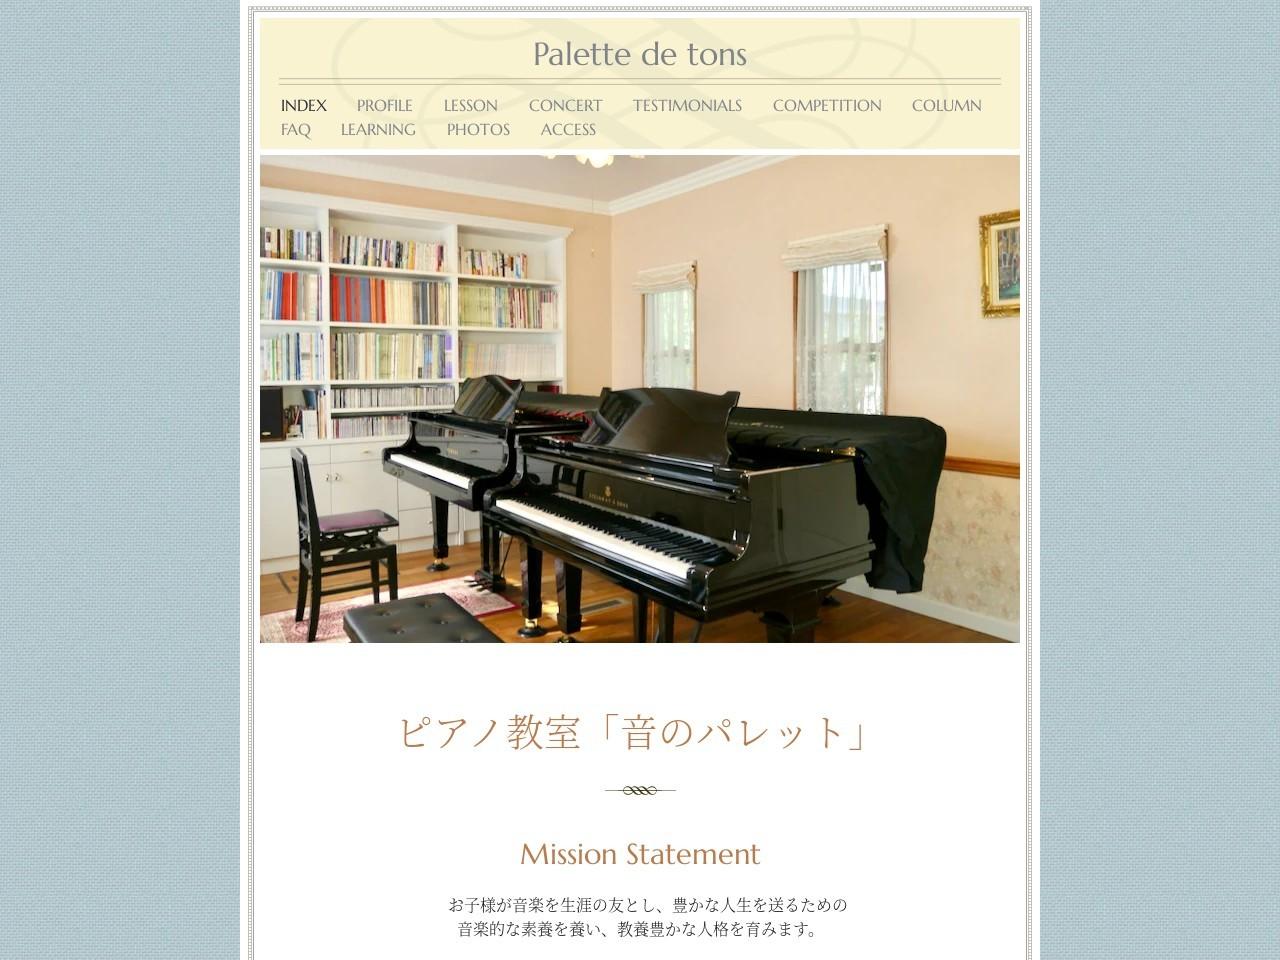 ピアノ教室「音のパレット」のサムネイル